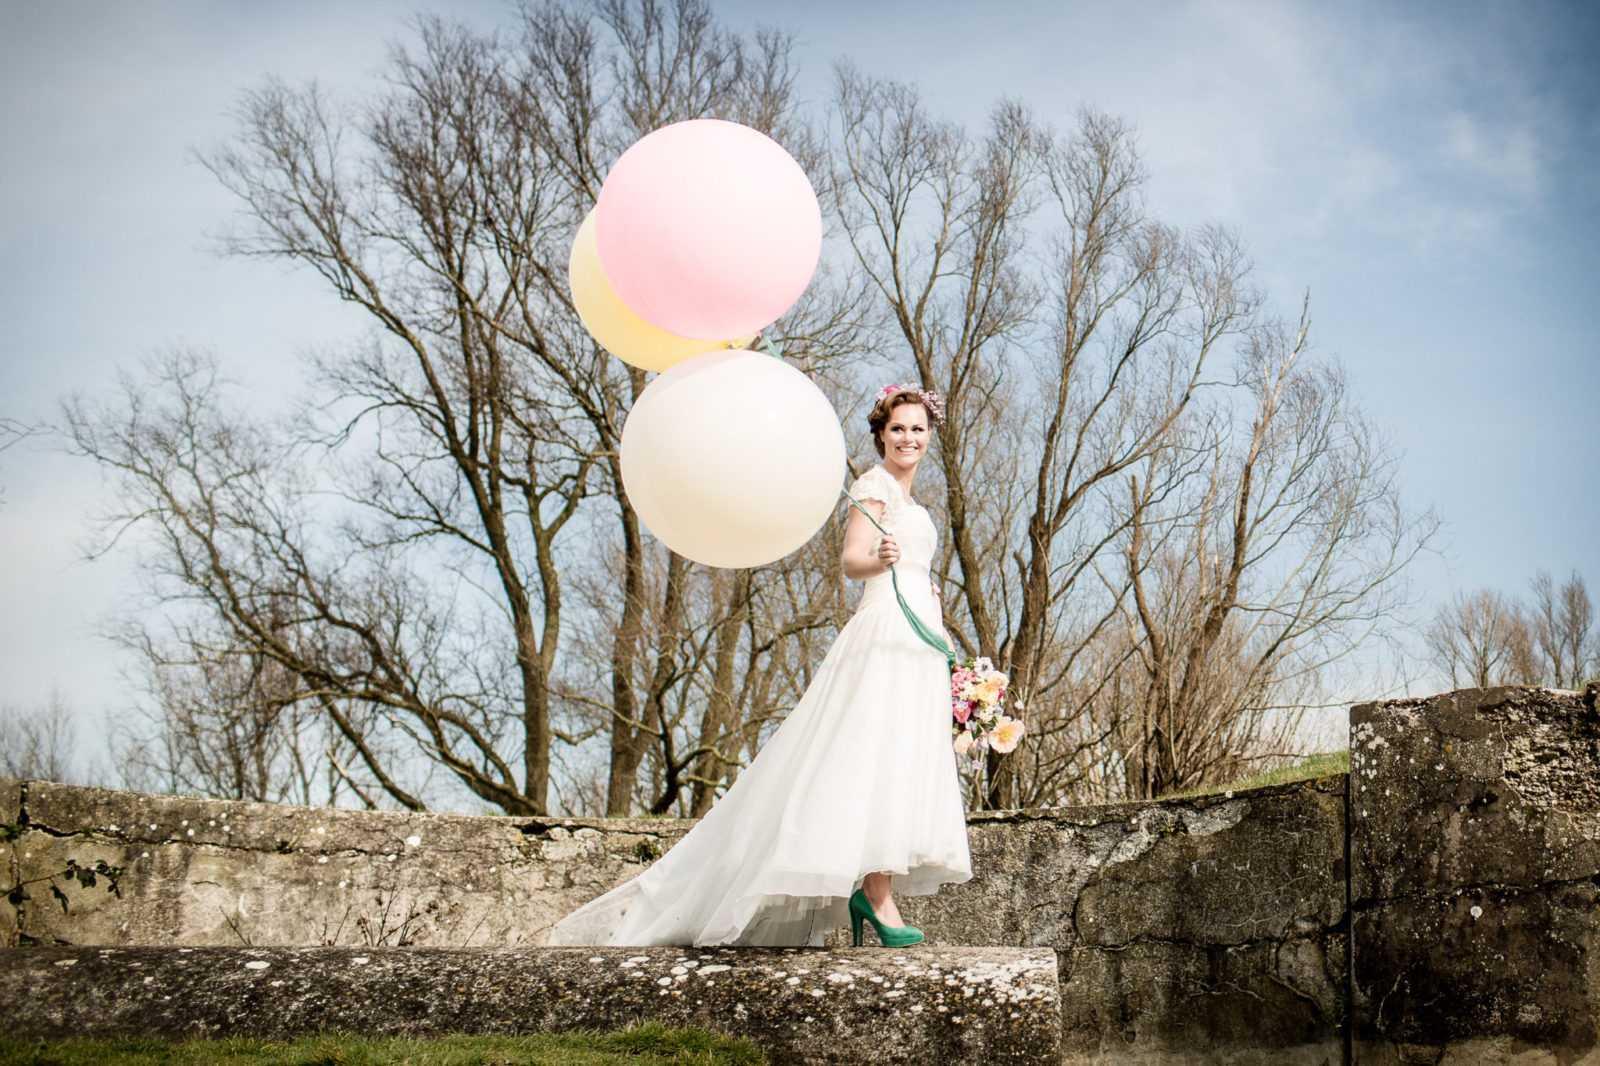 bruid ballonnen